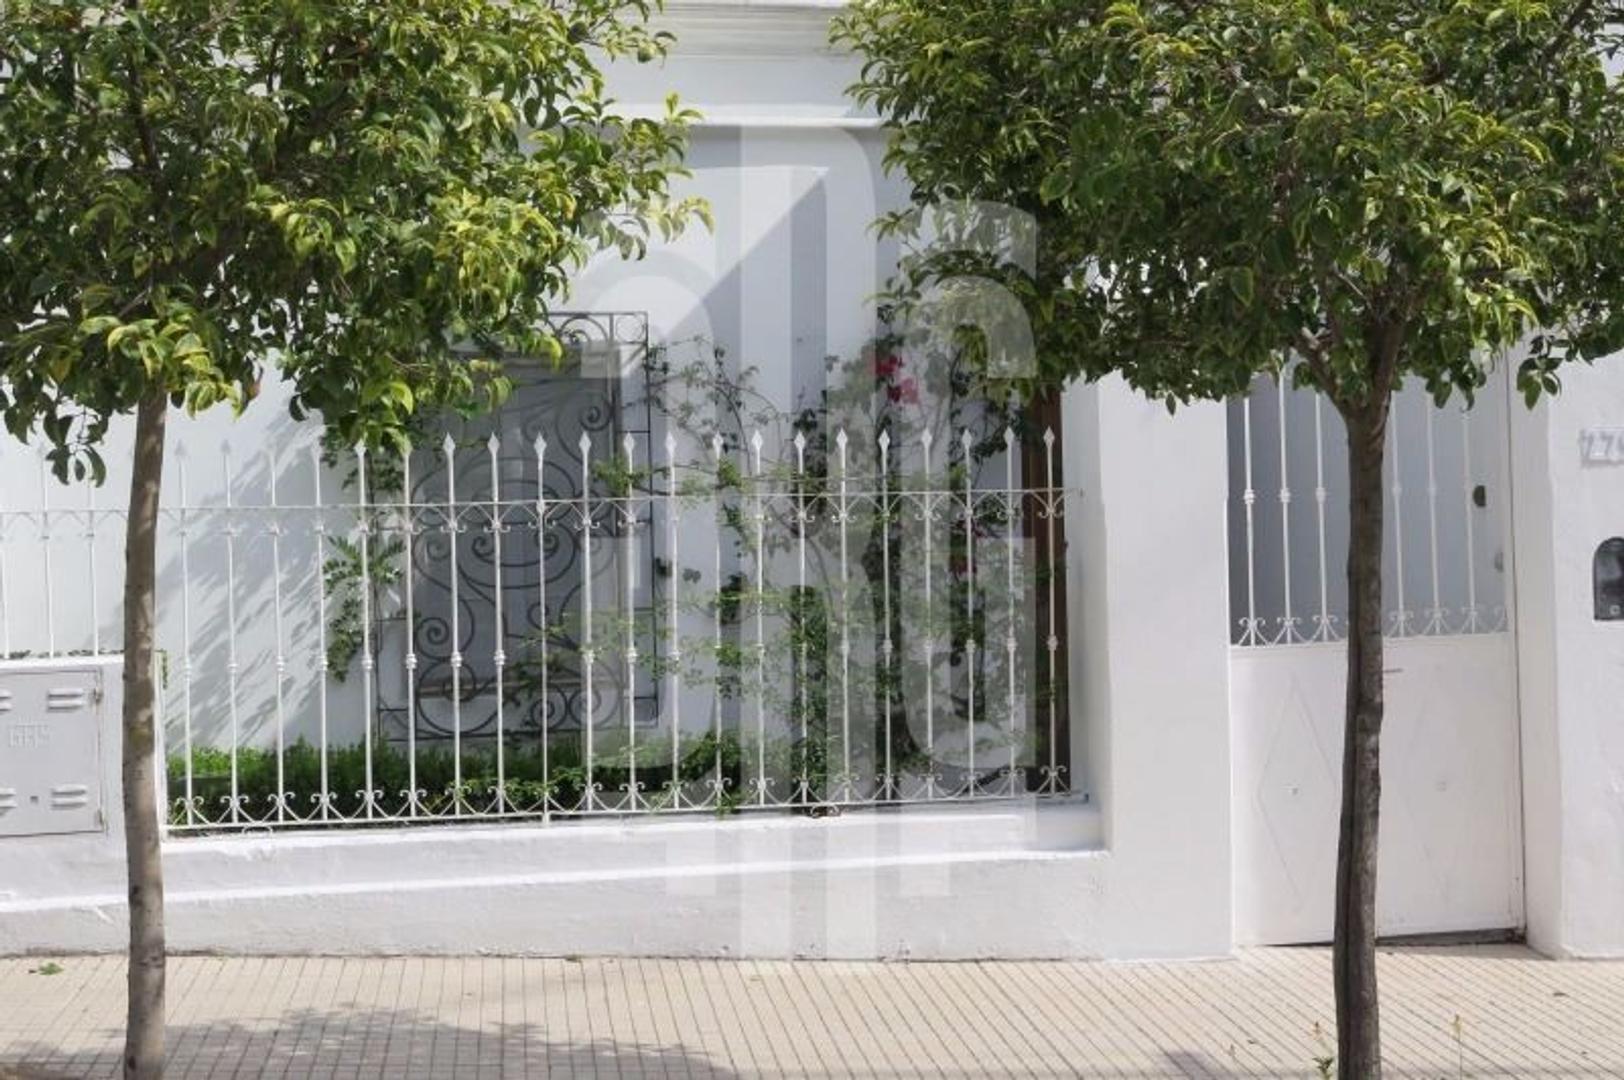 EXCELENTE casa para vivienda o emprendimiento turístico.